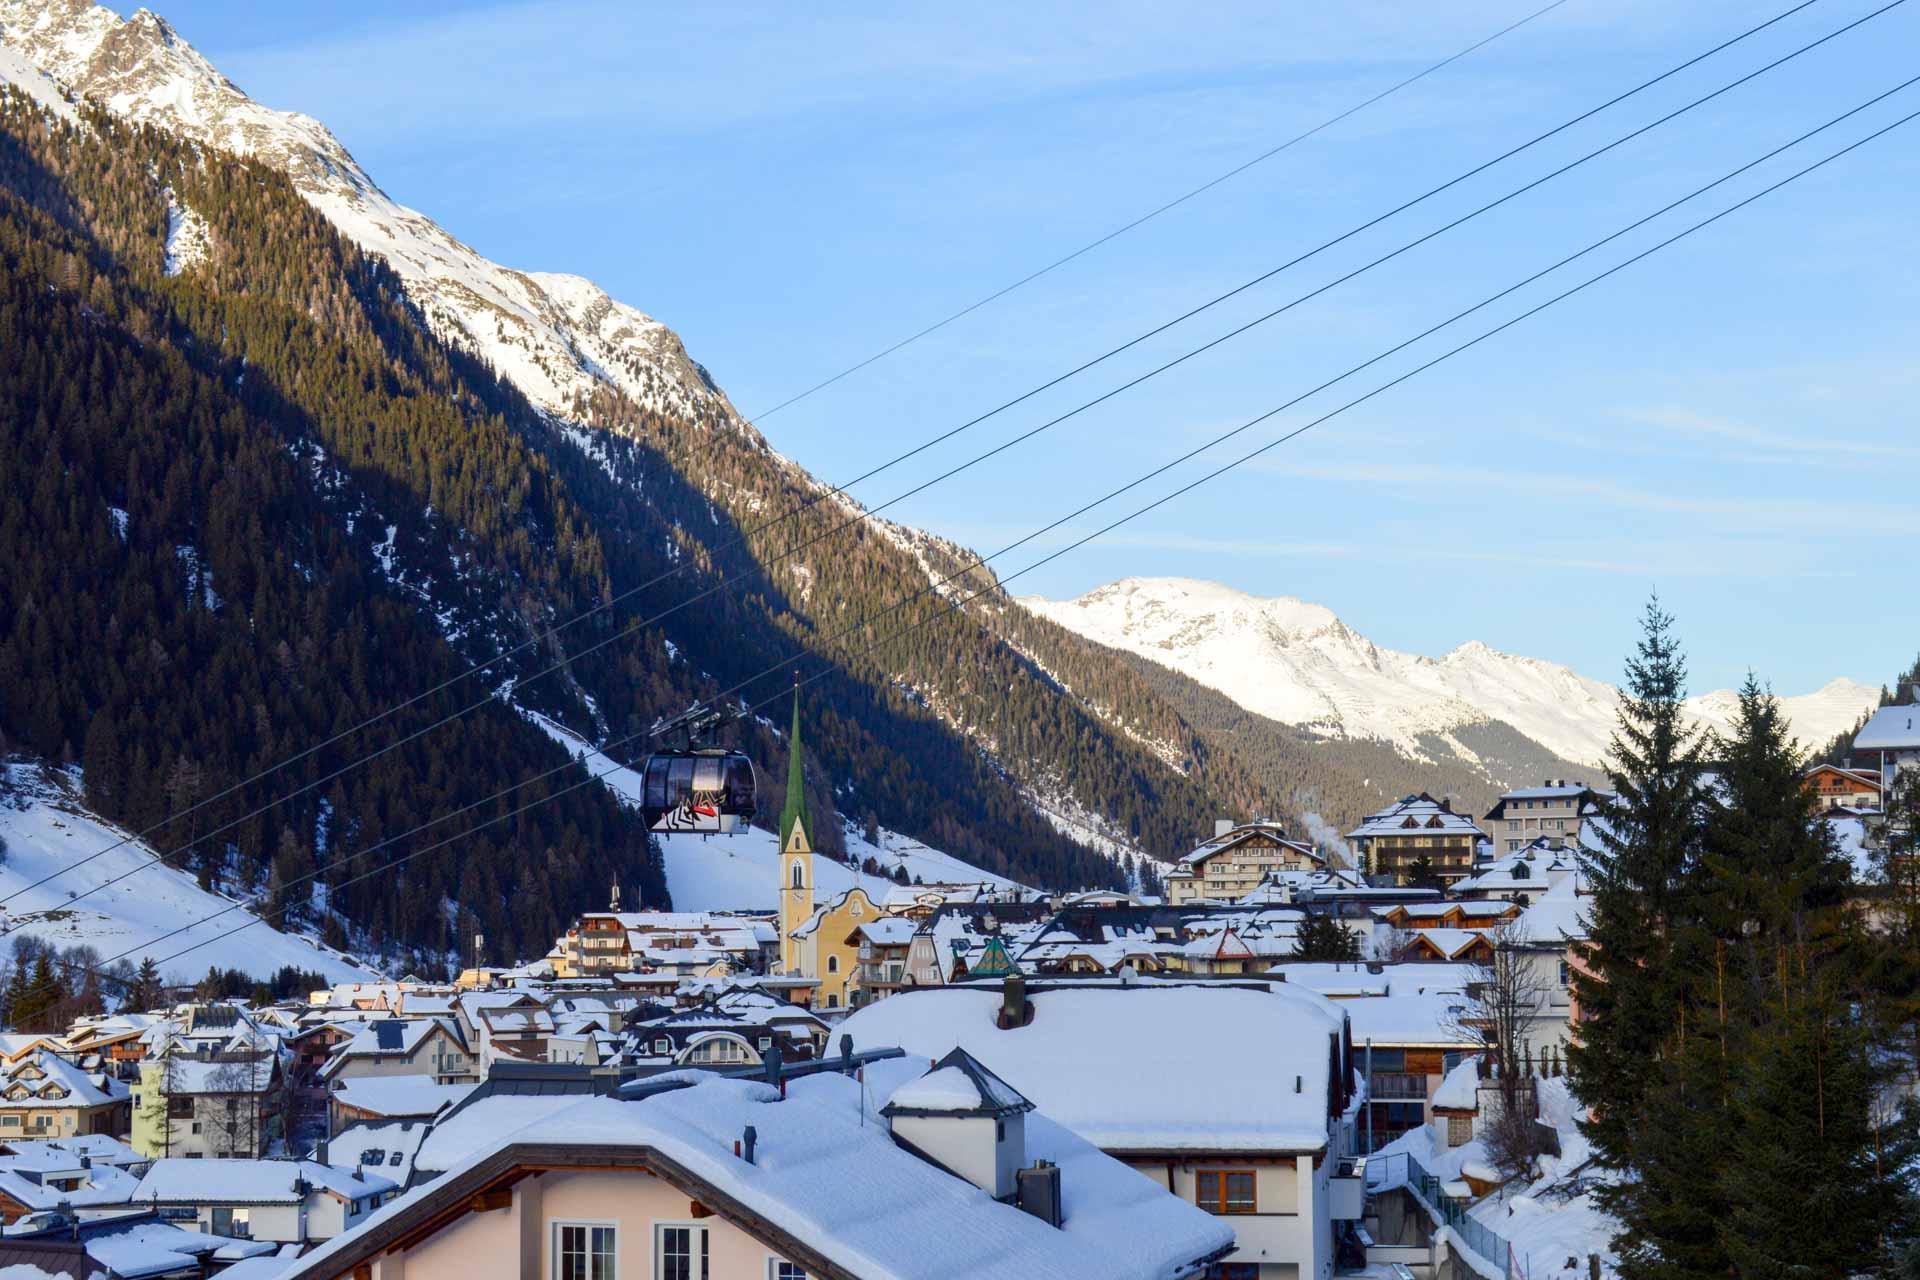 Oubliez les Alpes françaises ! On file du côté de l'Autriche et du Tyrol dans la charmante station d'Ischgl. Un splendide domaine skiable, une offre hôtelière de grande qualité ou de très bonnes tables en font l'une des stations les plus réputées de la petite république alpine.